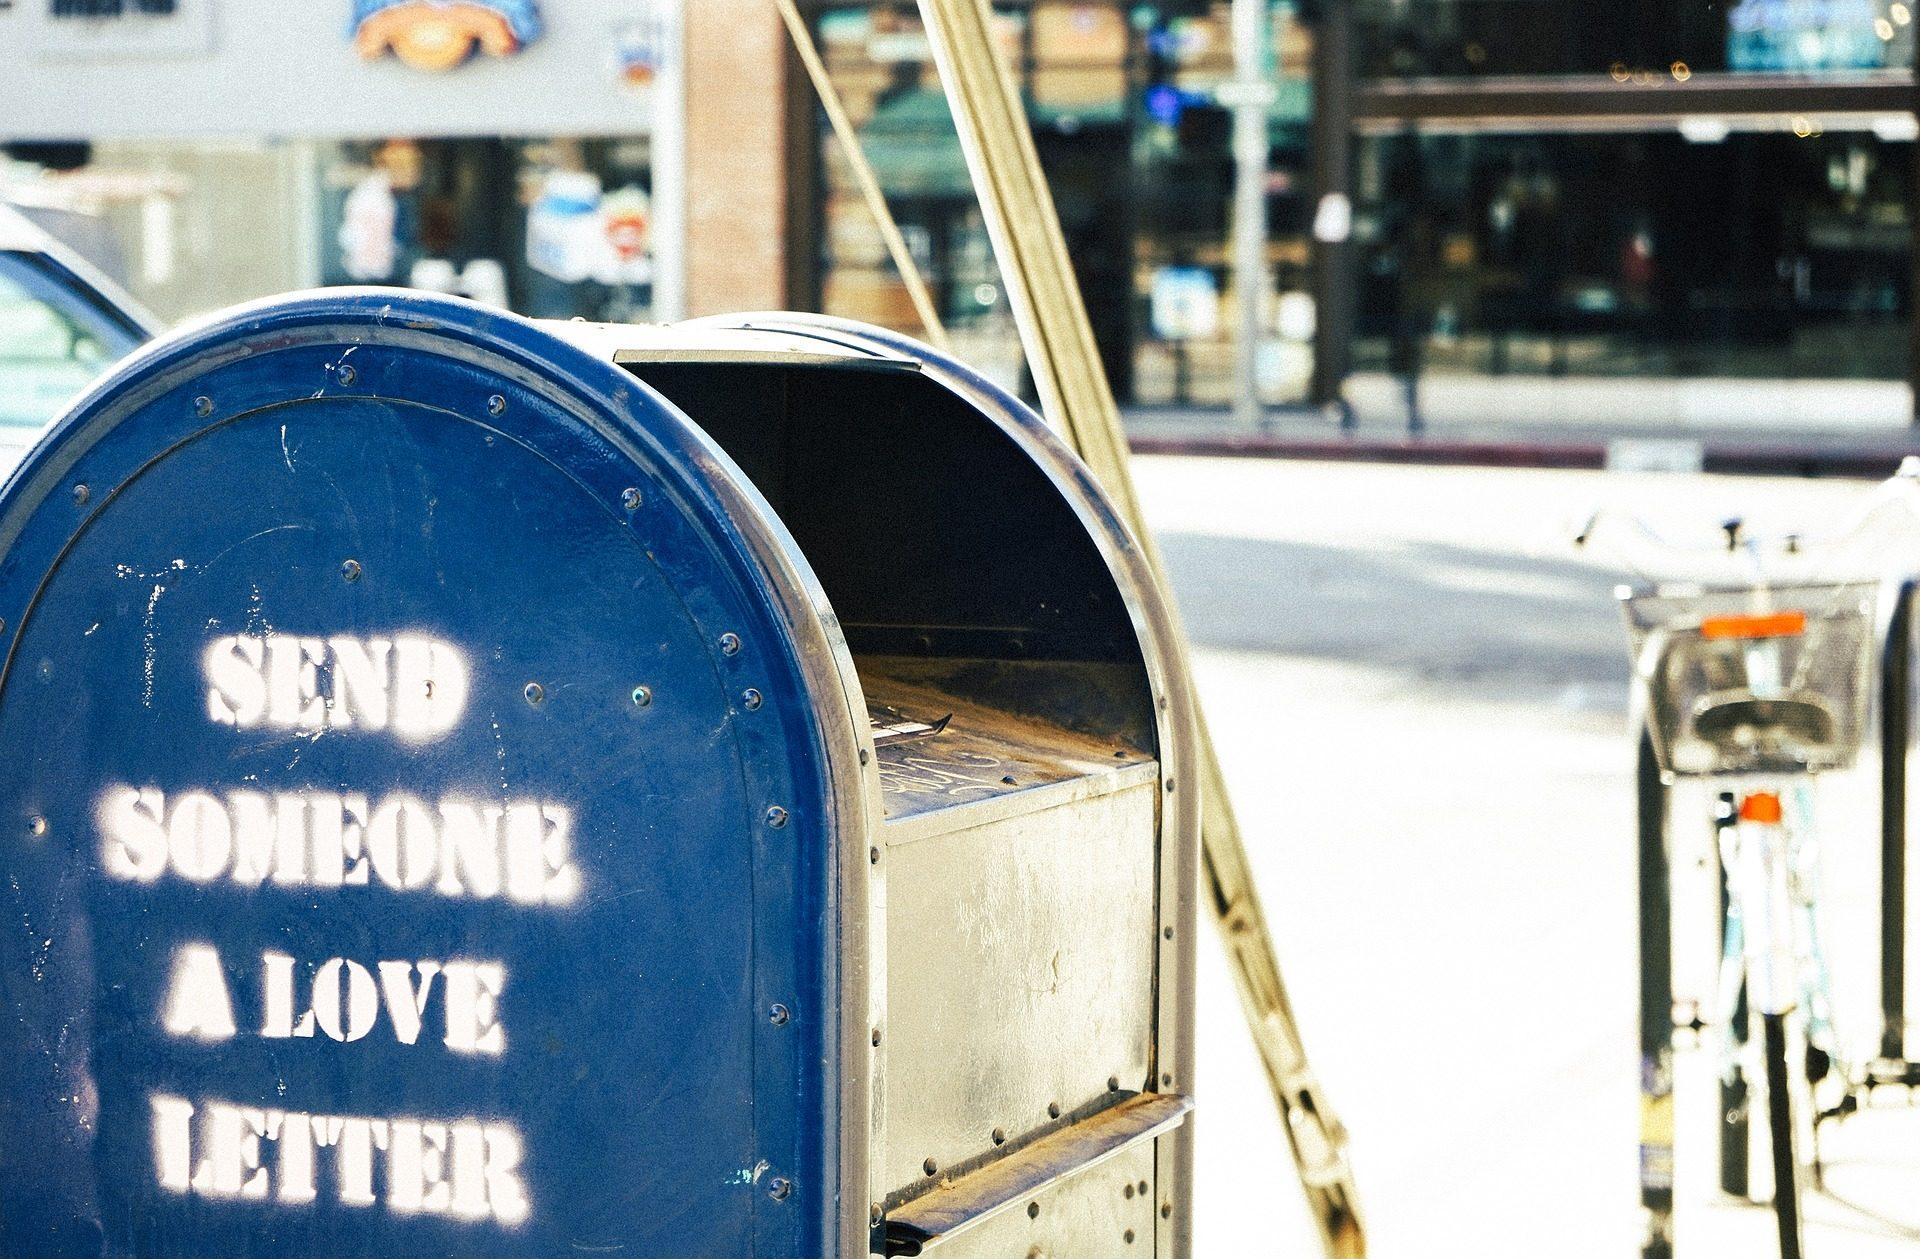 علبة البريد, mensaje, رسالة, البريد, البريدية, مدينة - خلفيات عالية الدقة - أستاذ falken.com